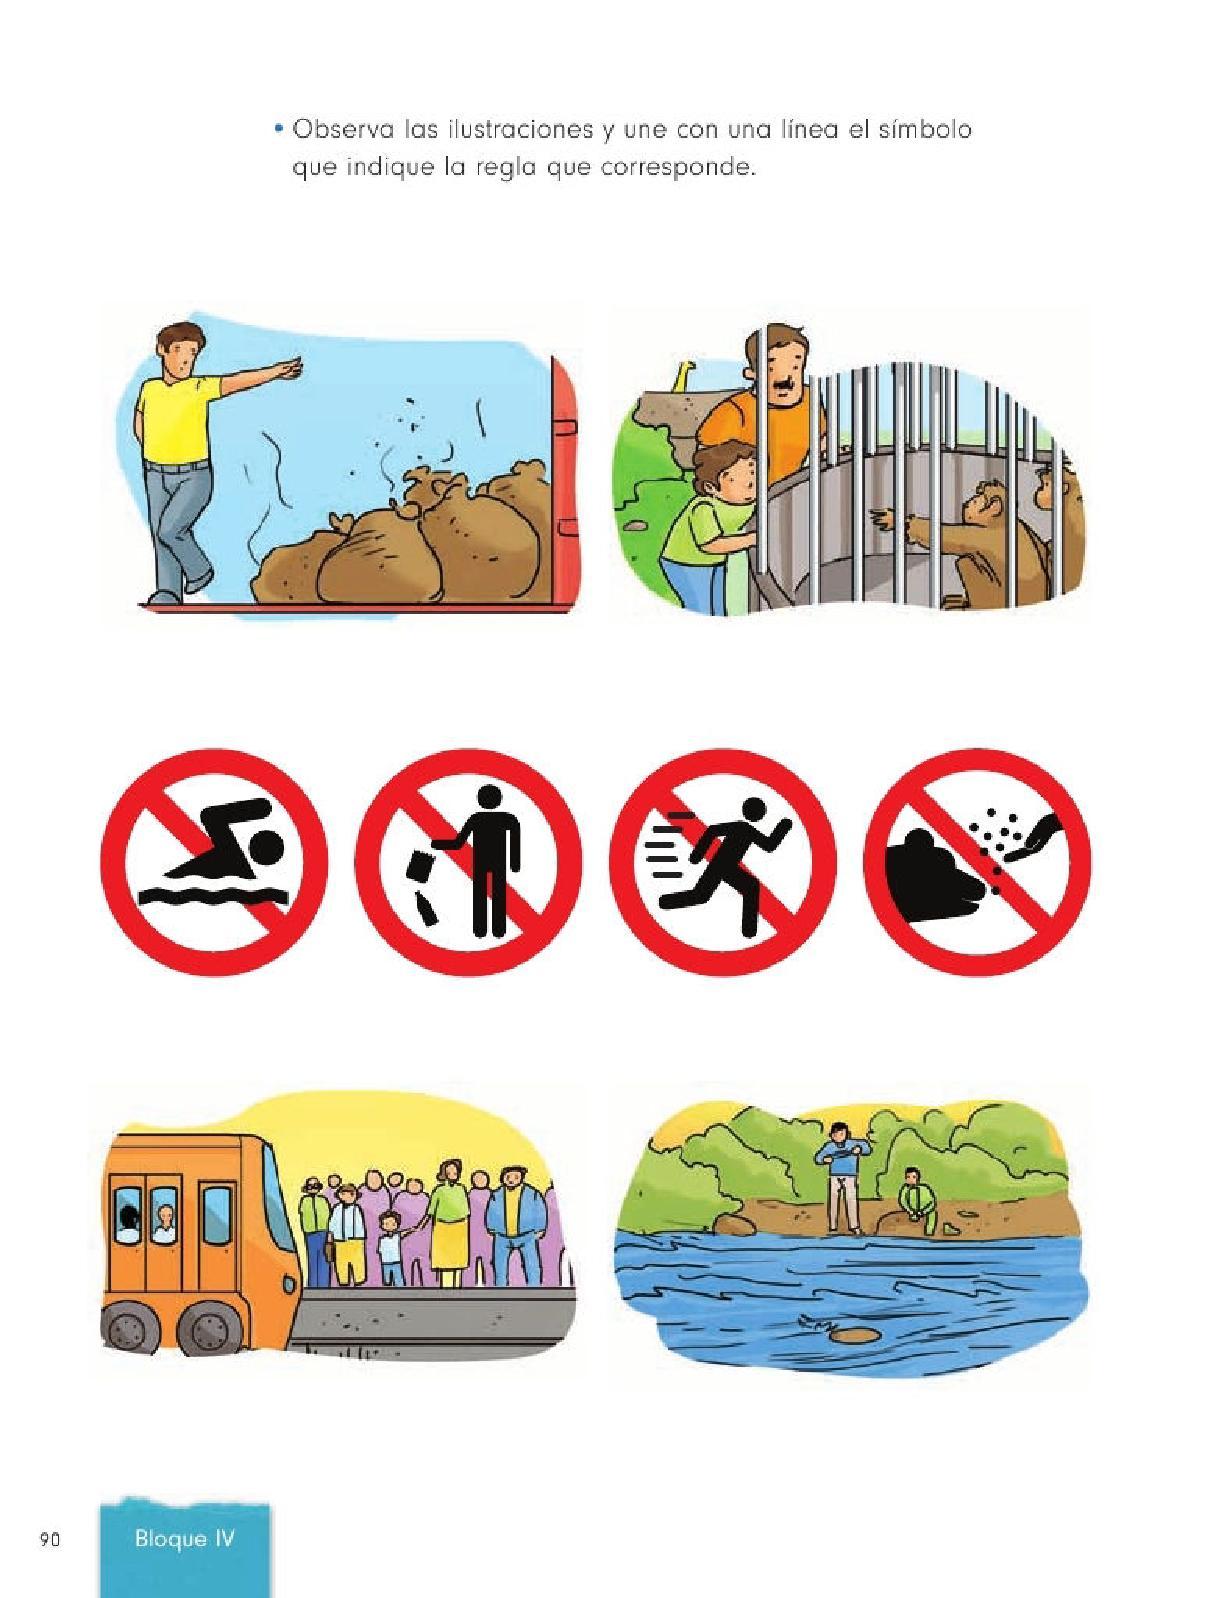 etica civica essay Cívica y Ética 1 writing a strong essay online course - linkedin learning introduccion de civica y etica.